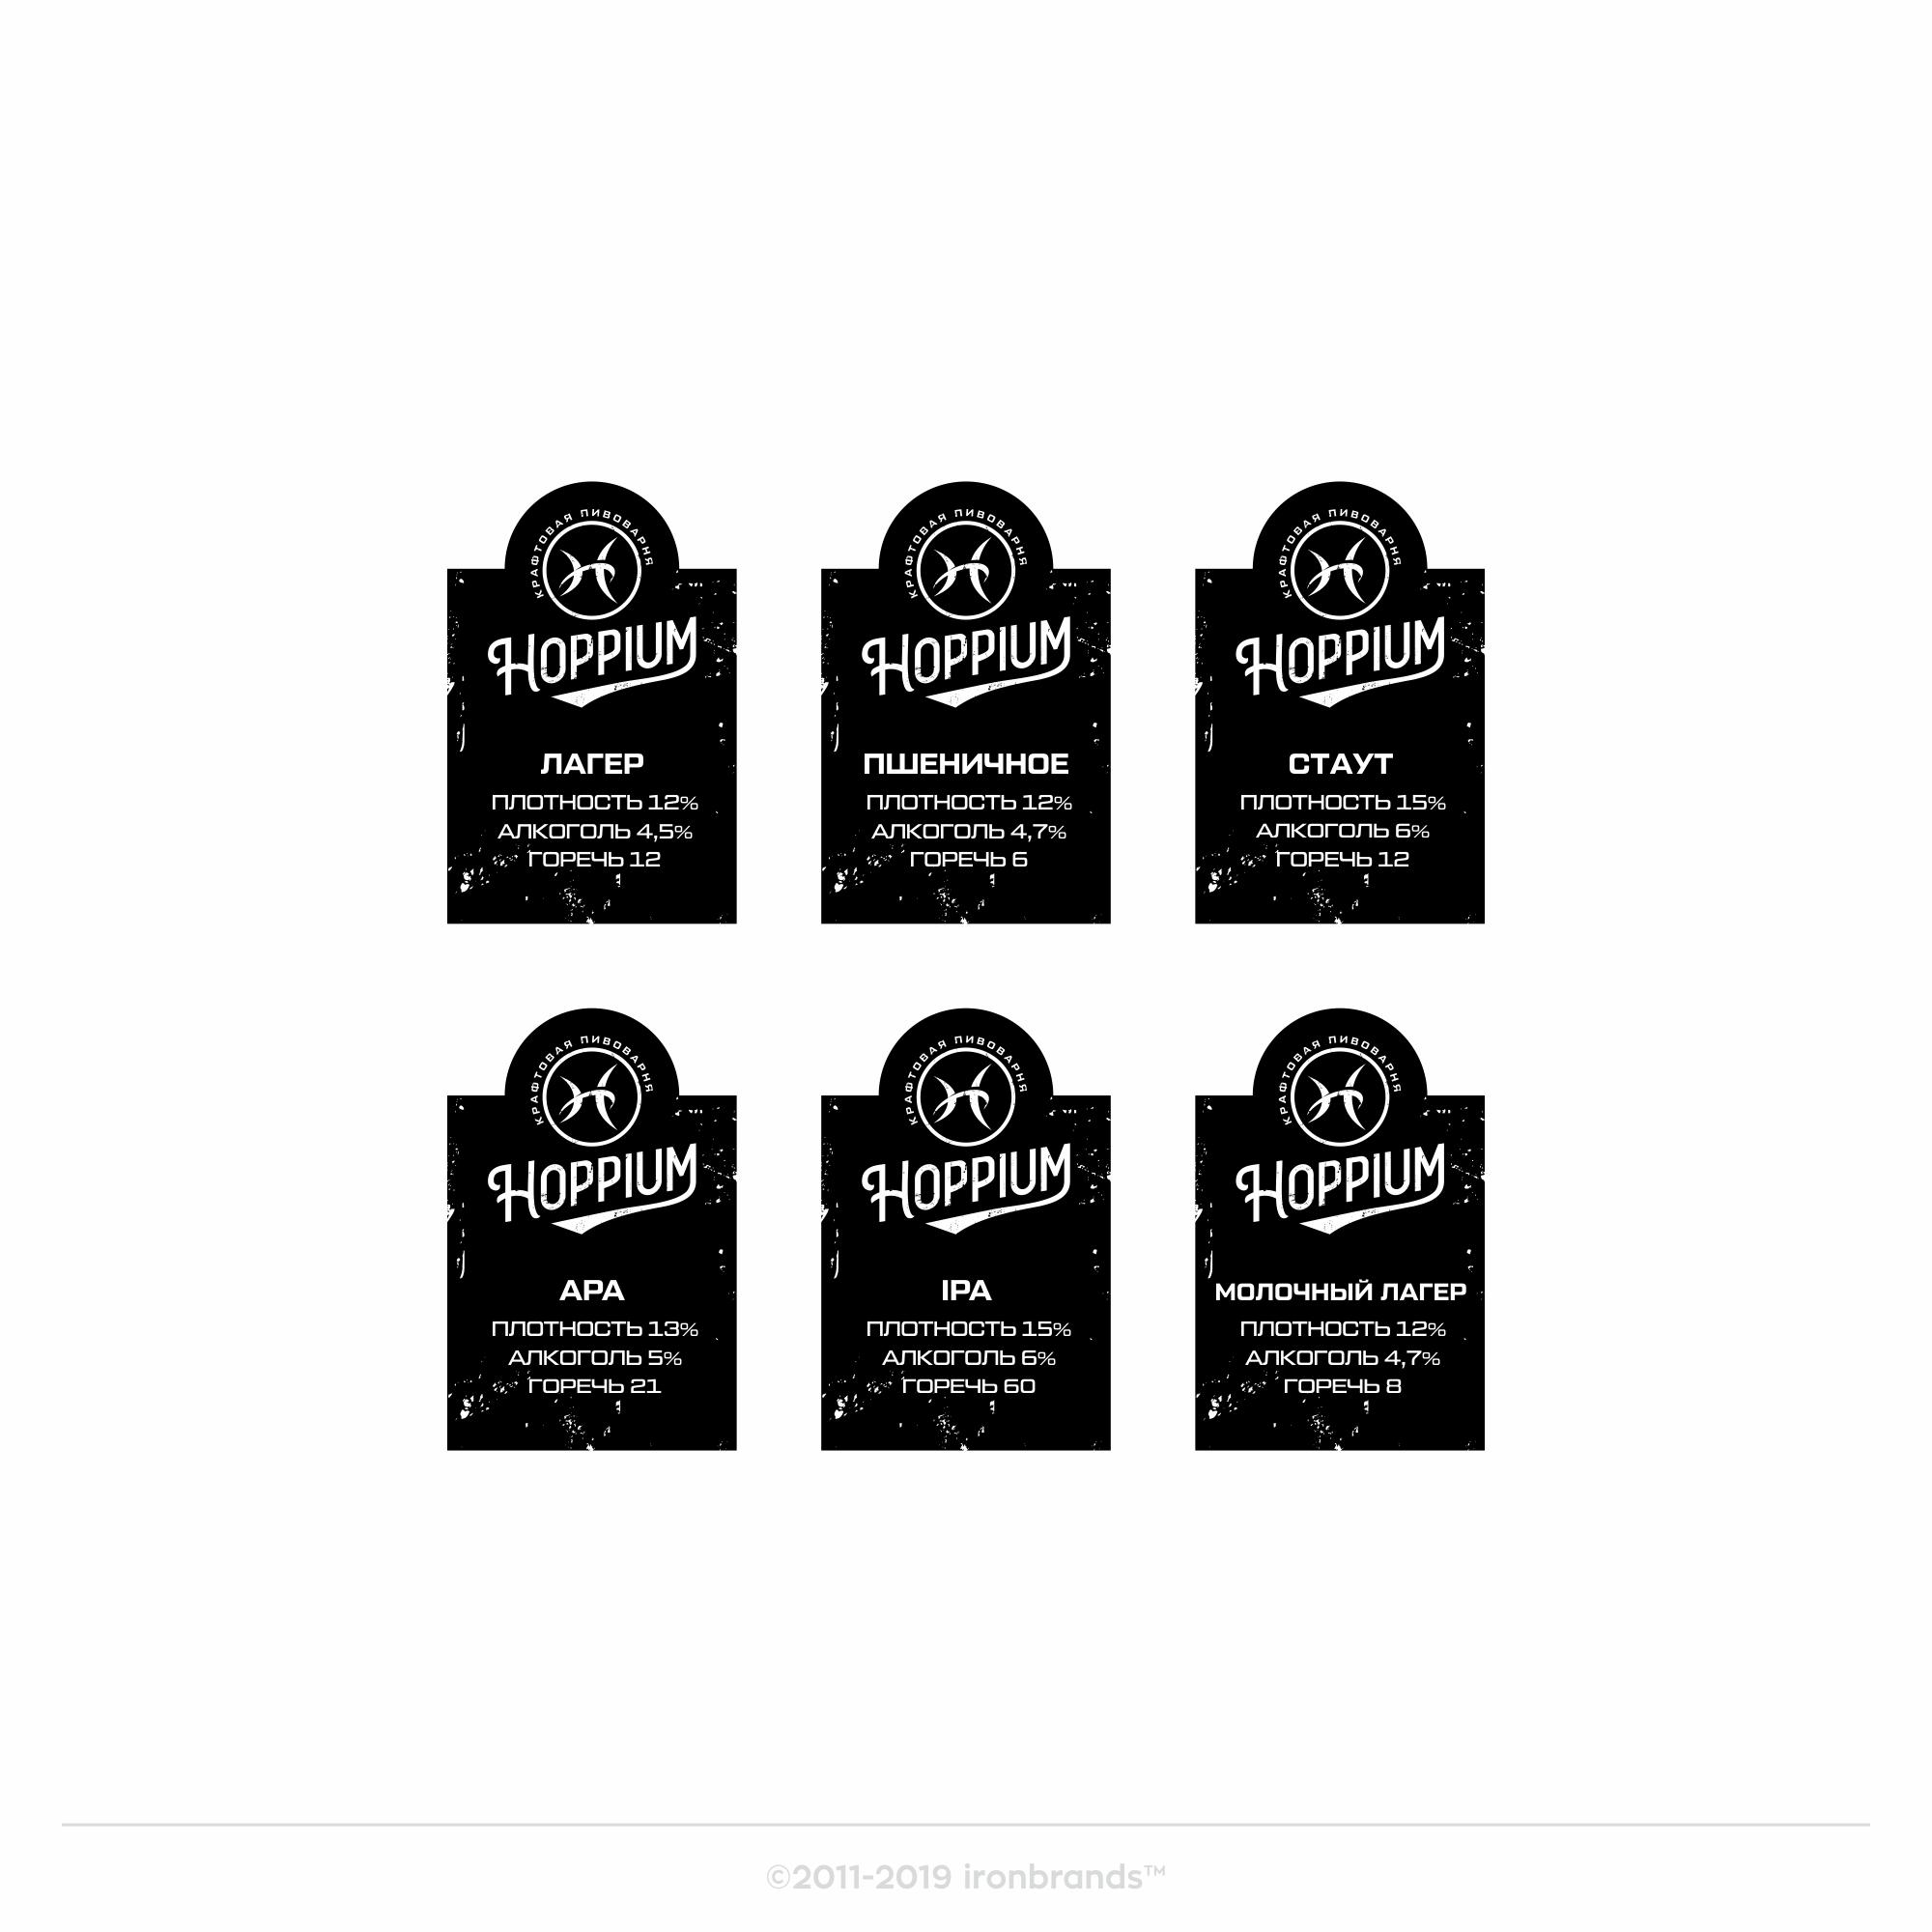 Логотип + Ценники для подмосковной крафтовой пивоварни фото f_6595dc5438d020c1.jpg